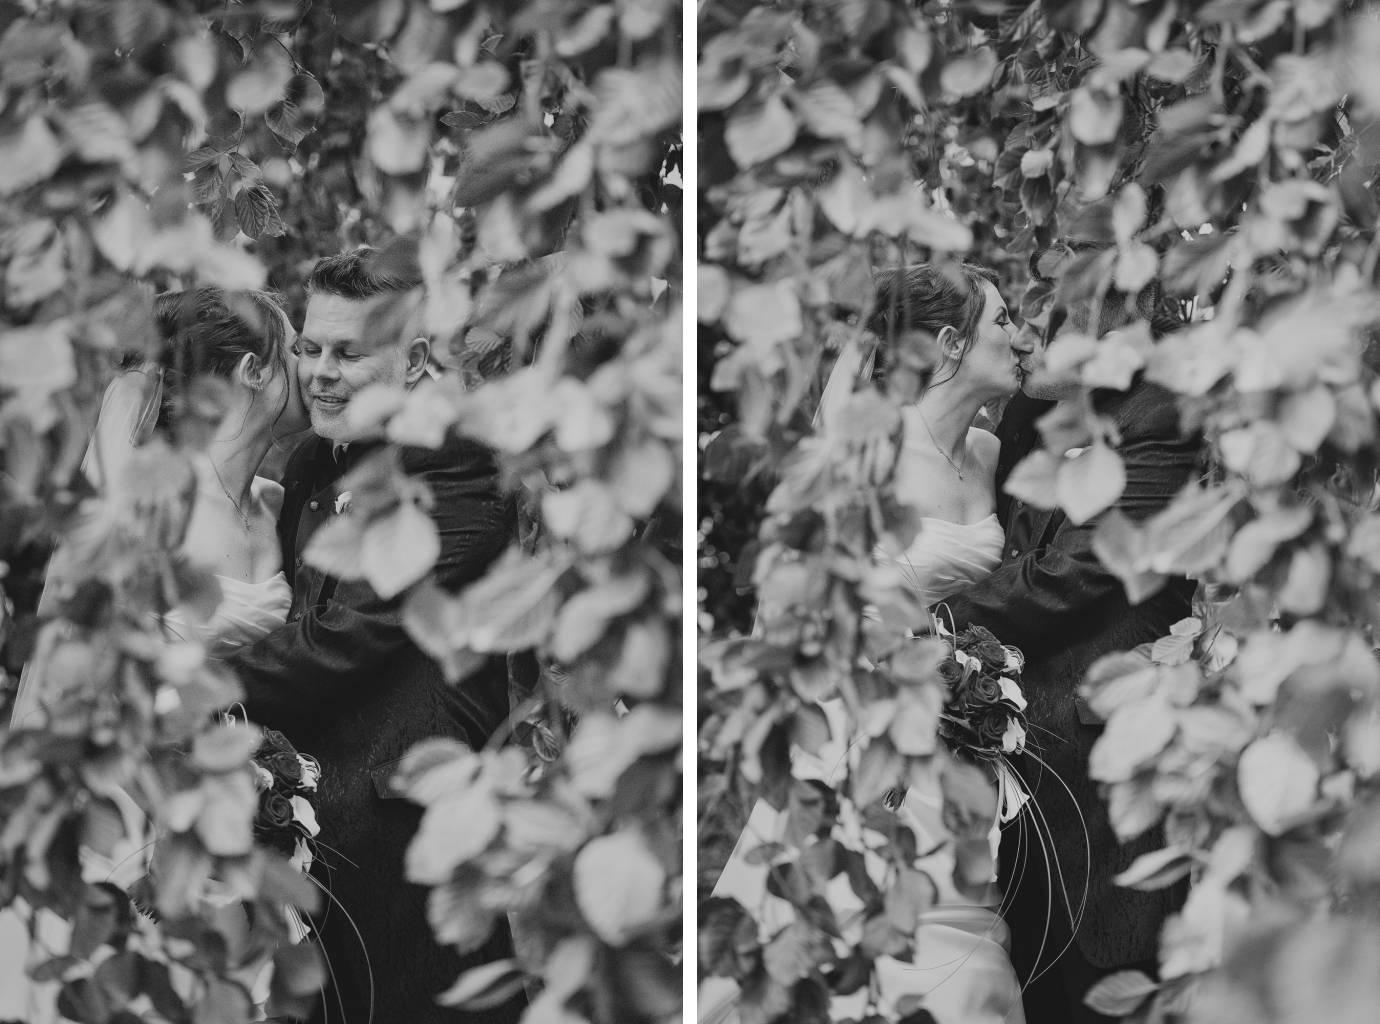 hochzeitsfotograf bremen 123 - Yvonne+Markus